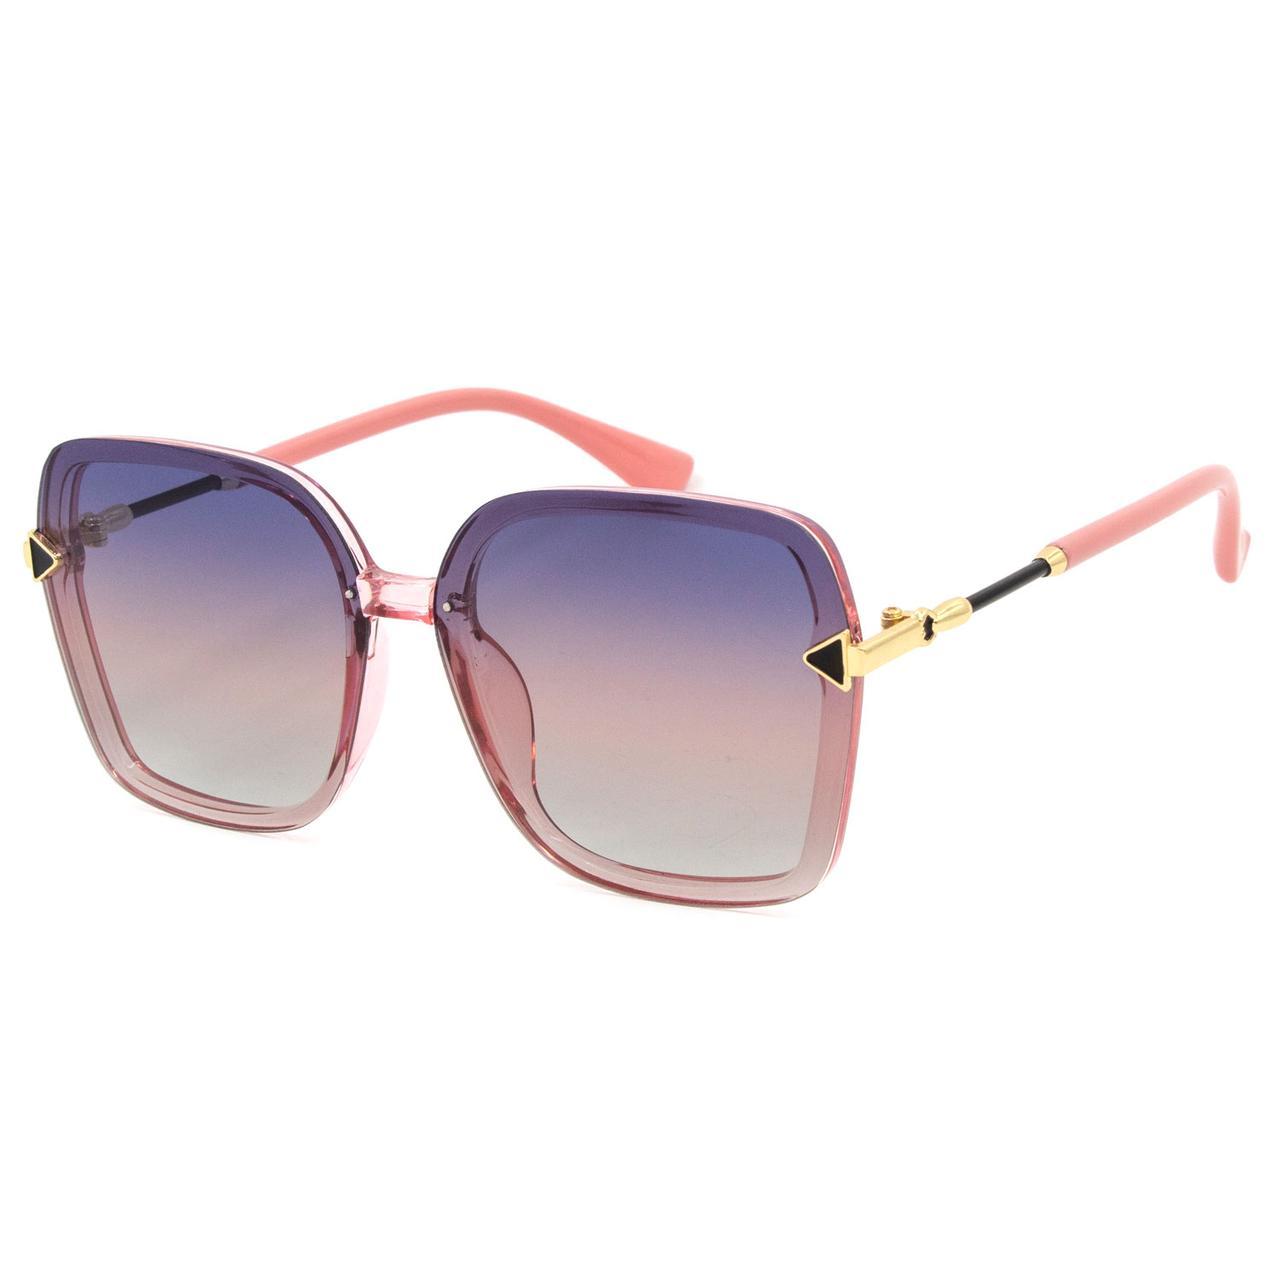 Солнцезащитные очки Marmilen Polar 3229 C5 розовые    ( 3229-05 )